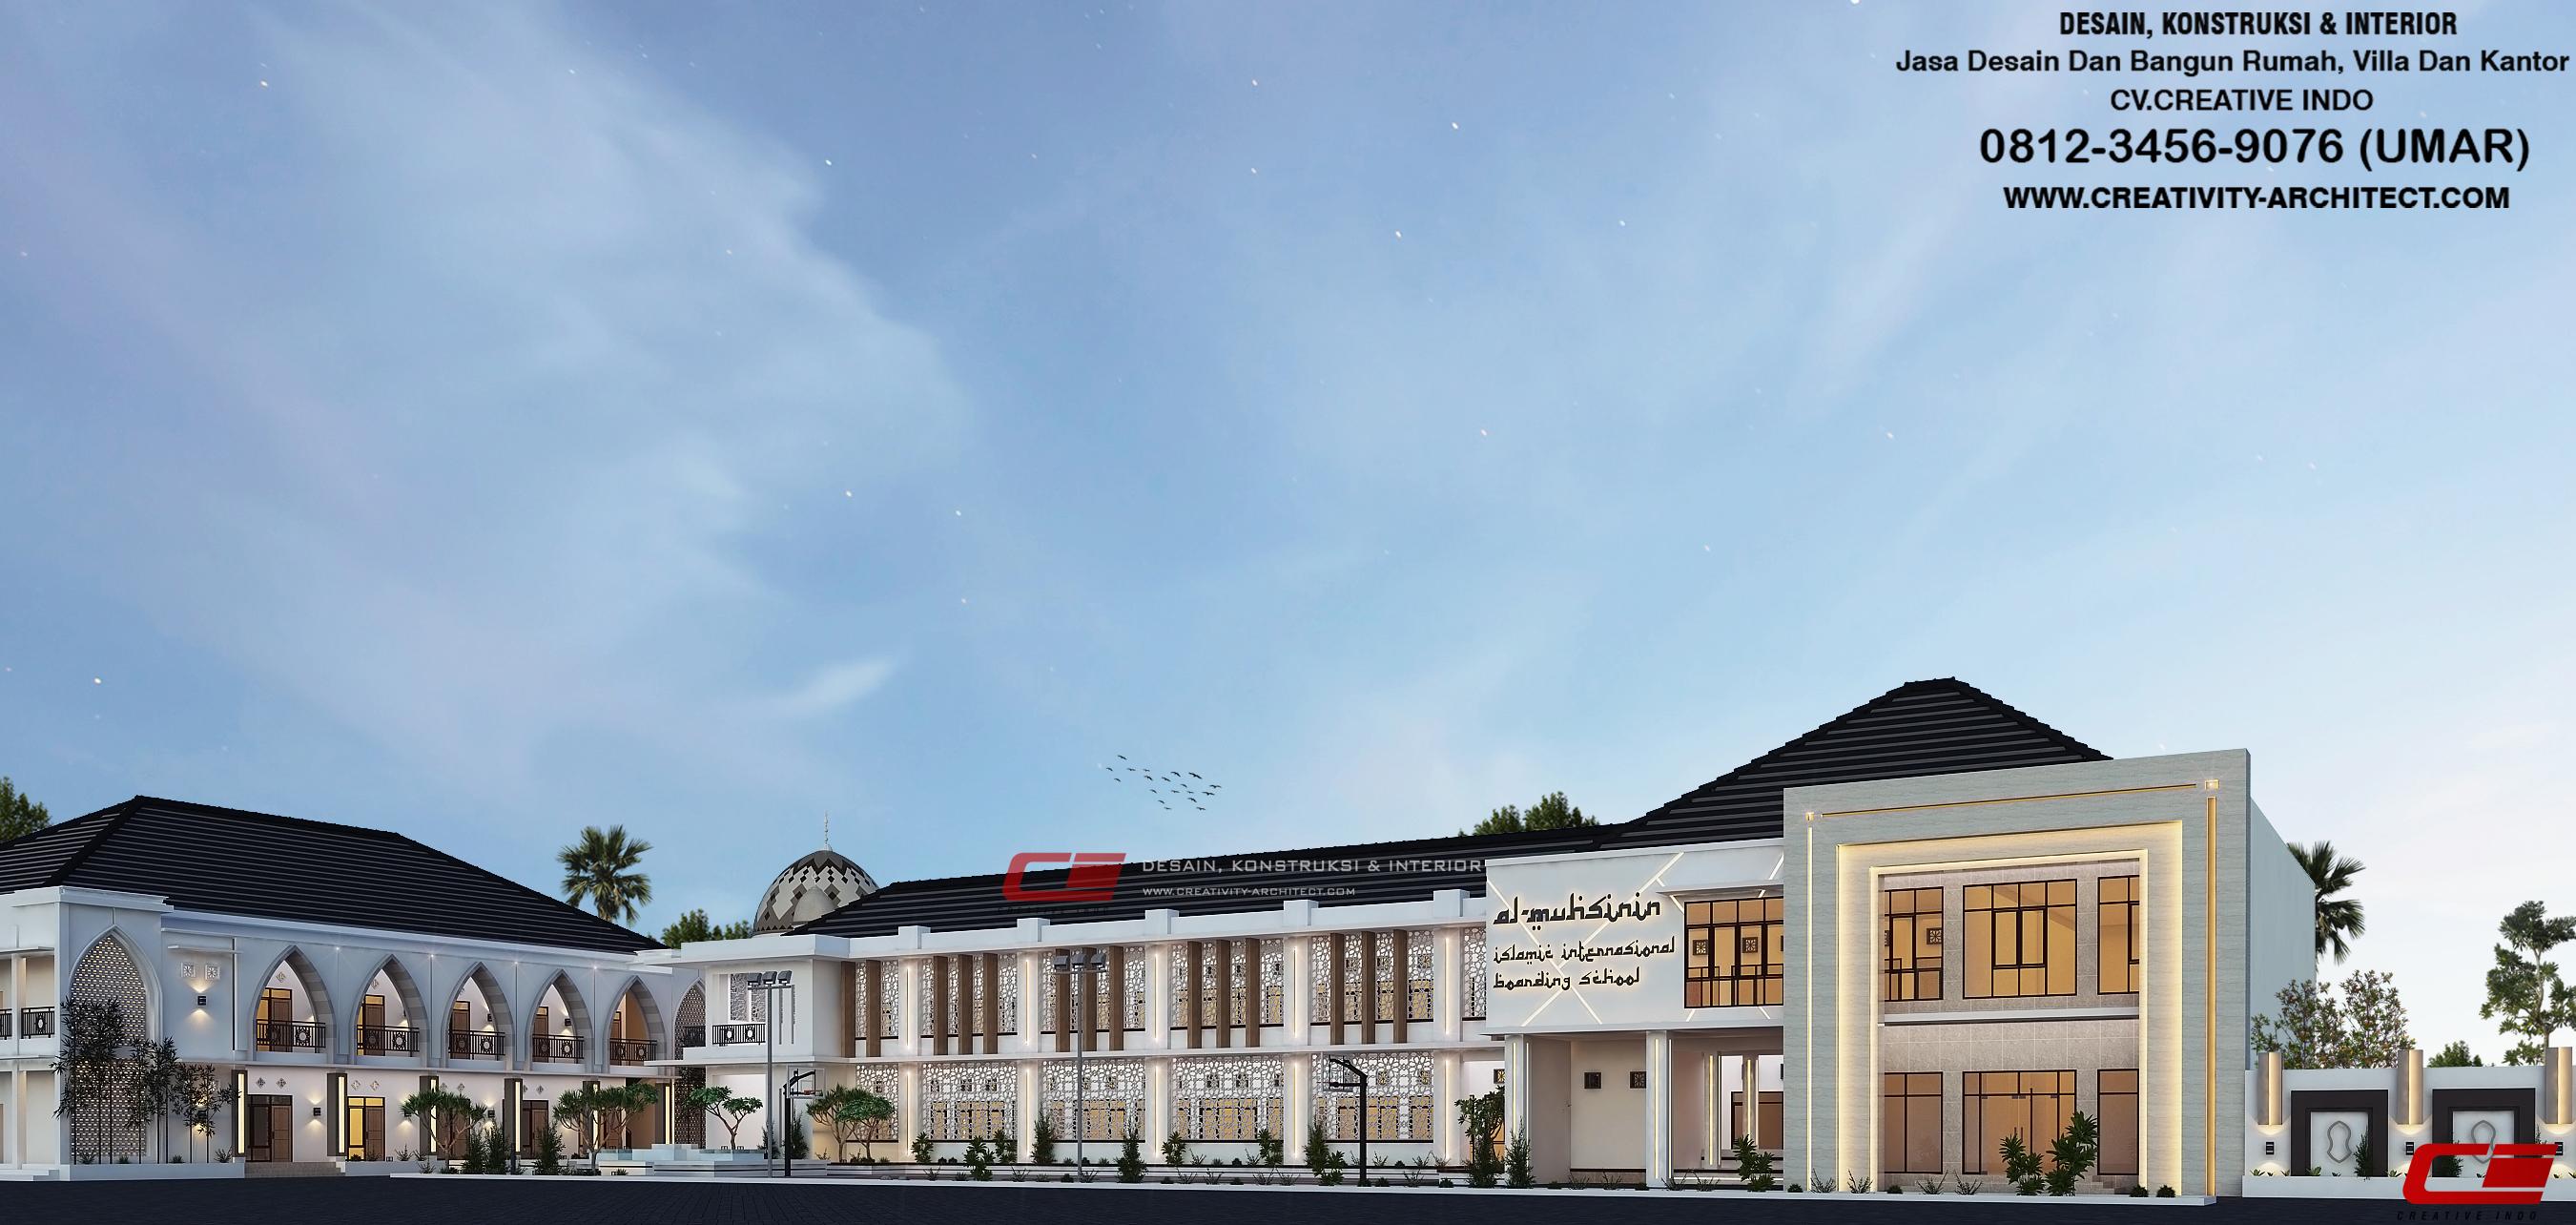 4000 Koleksi konsep rumah jepang Gratis Terbaru